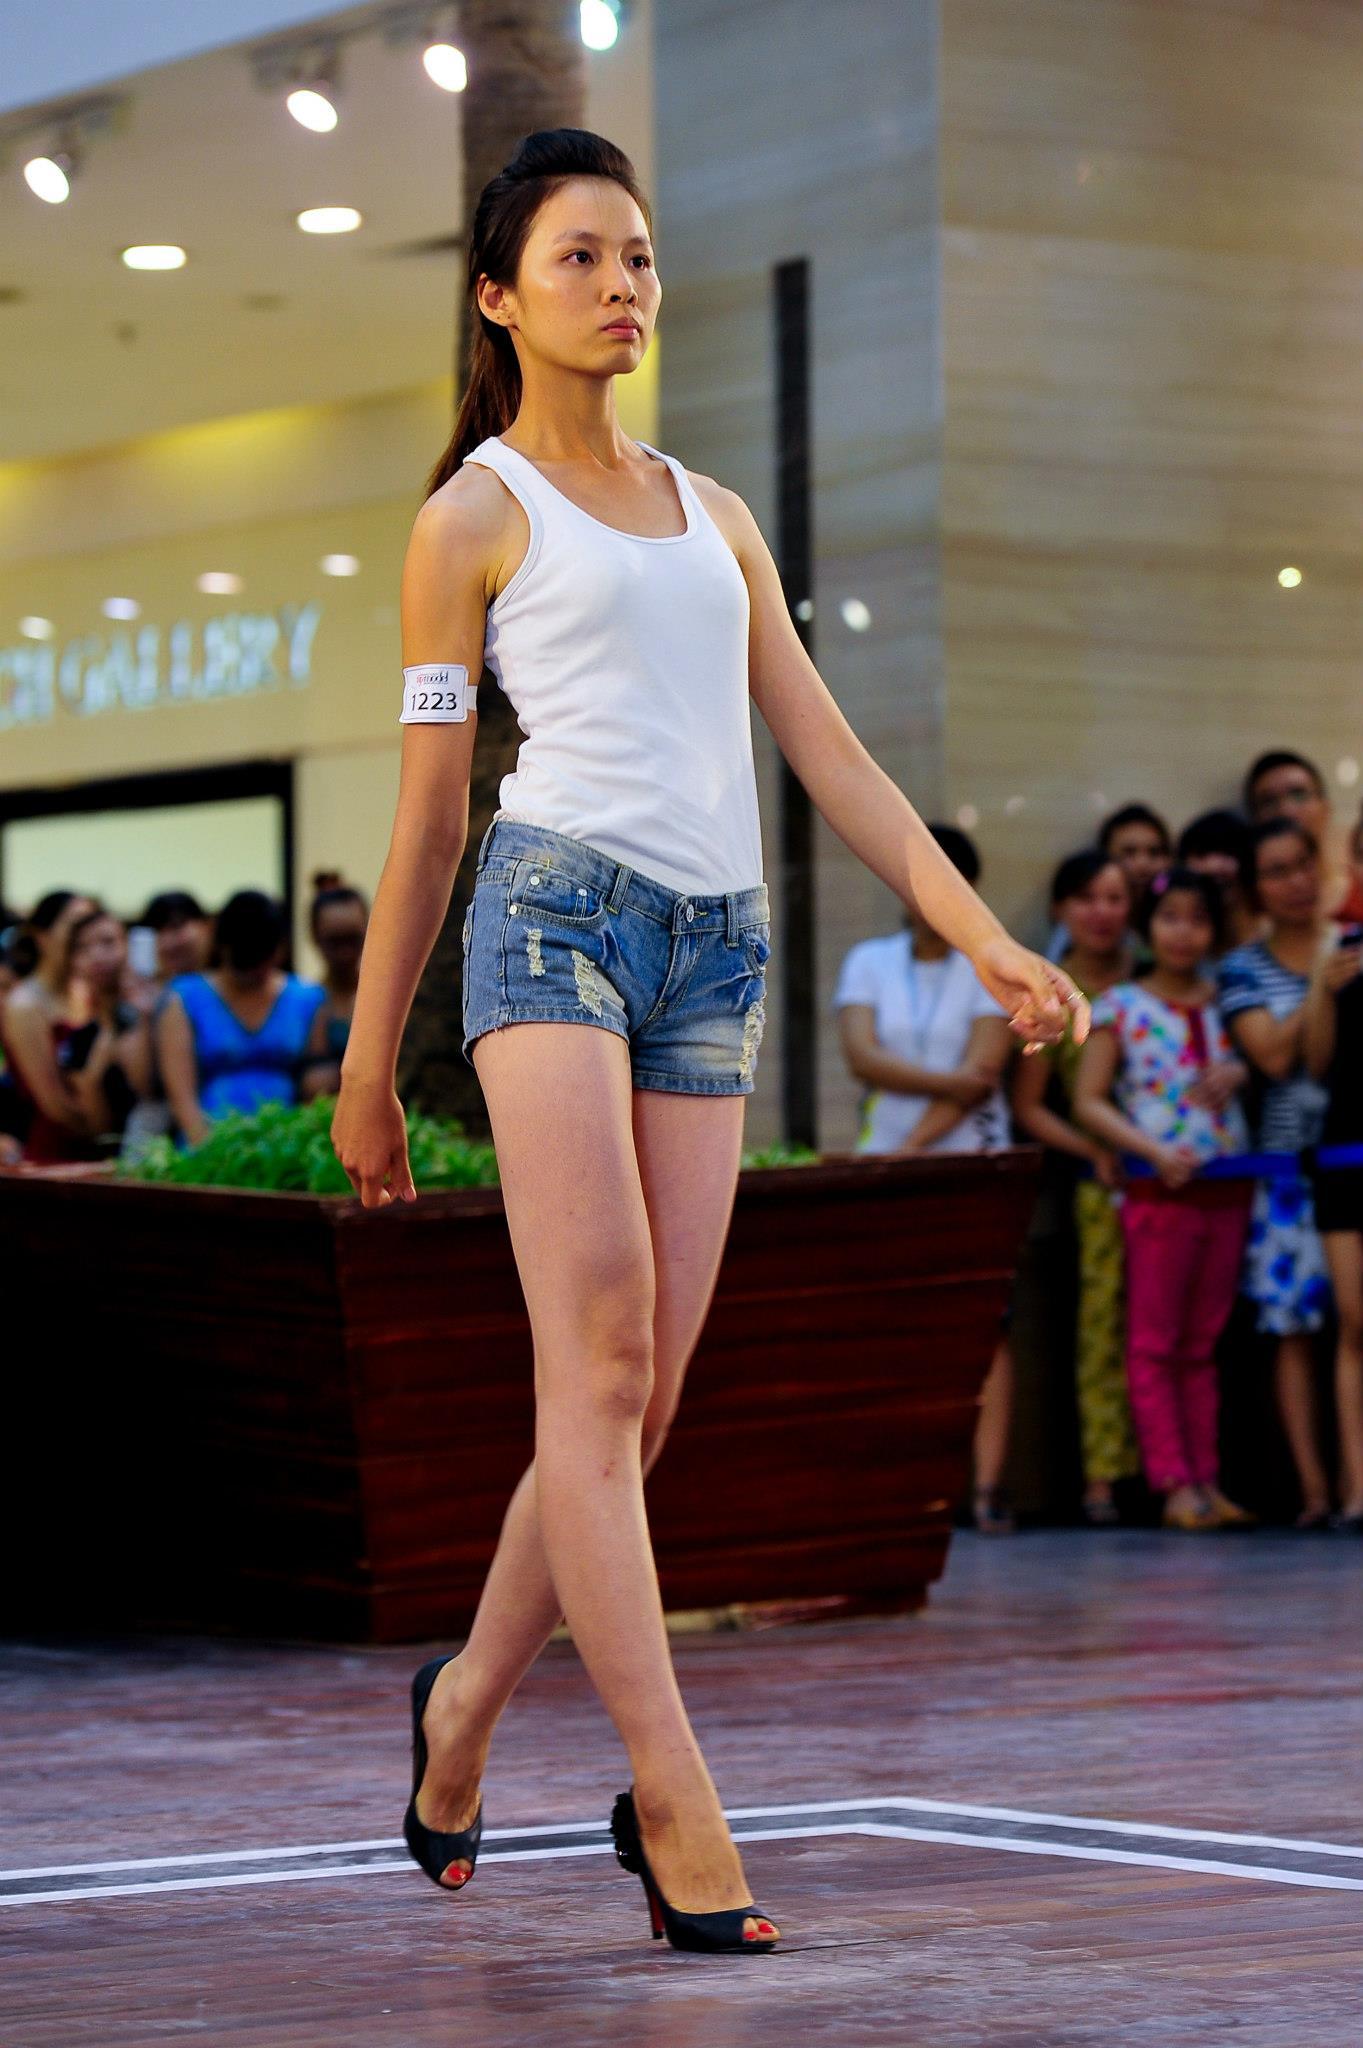 Mặc đồng phục, đeo dép lê đi thi Vietnams Next Top Model, cô gái này đã có màn lột xác ngoạn mục 1 năm sau đó! - Ảnh 7.